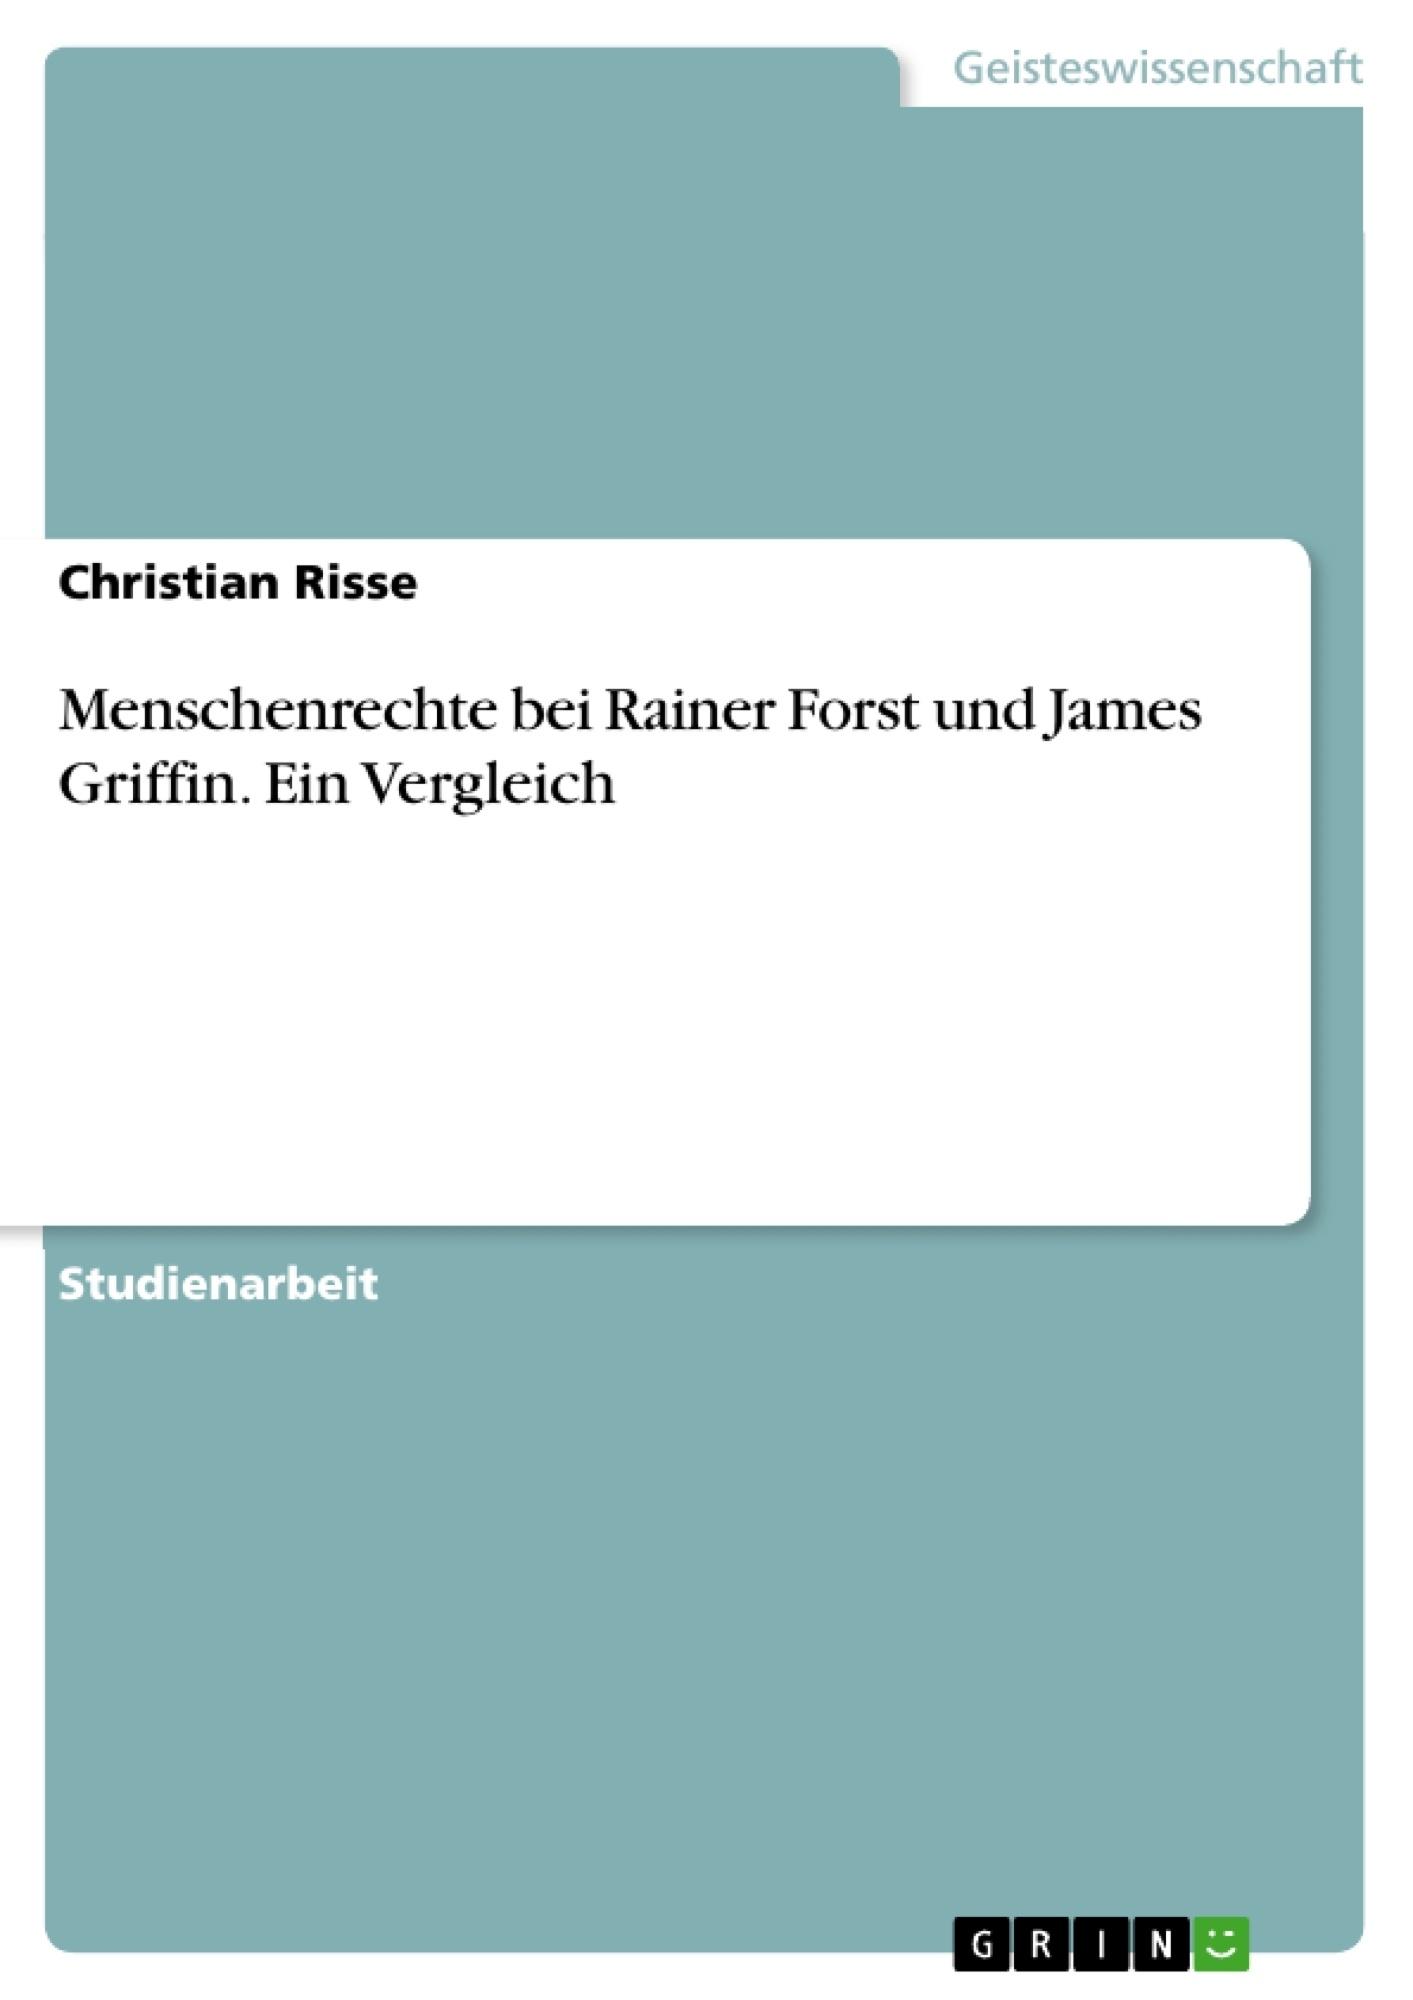 Titel: Menschenrechte bei Rainer Forst und James Griffin. Ein Vergleich